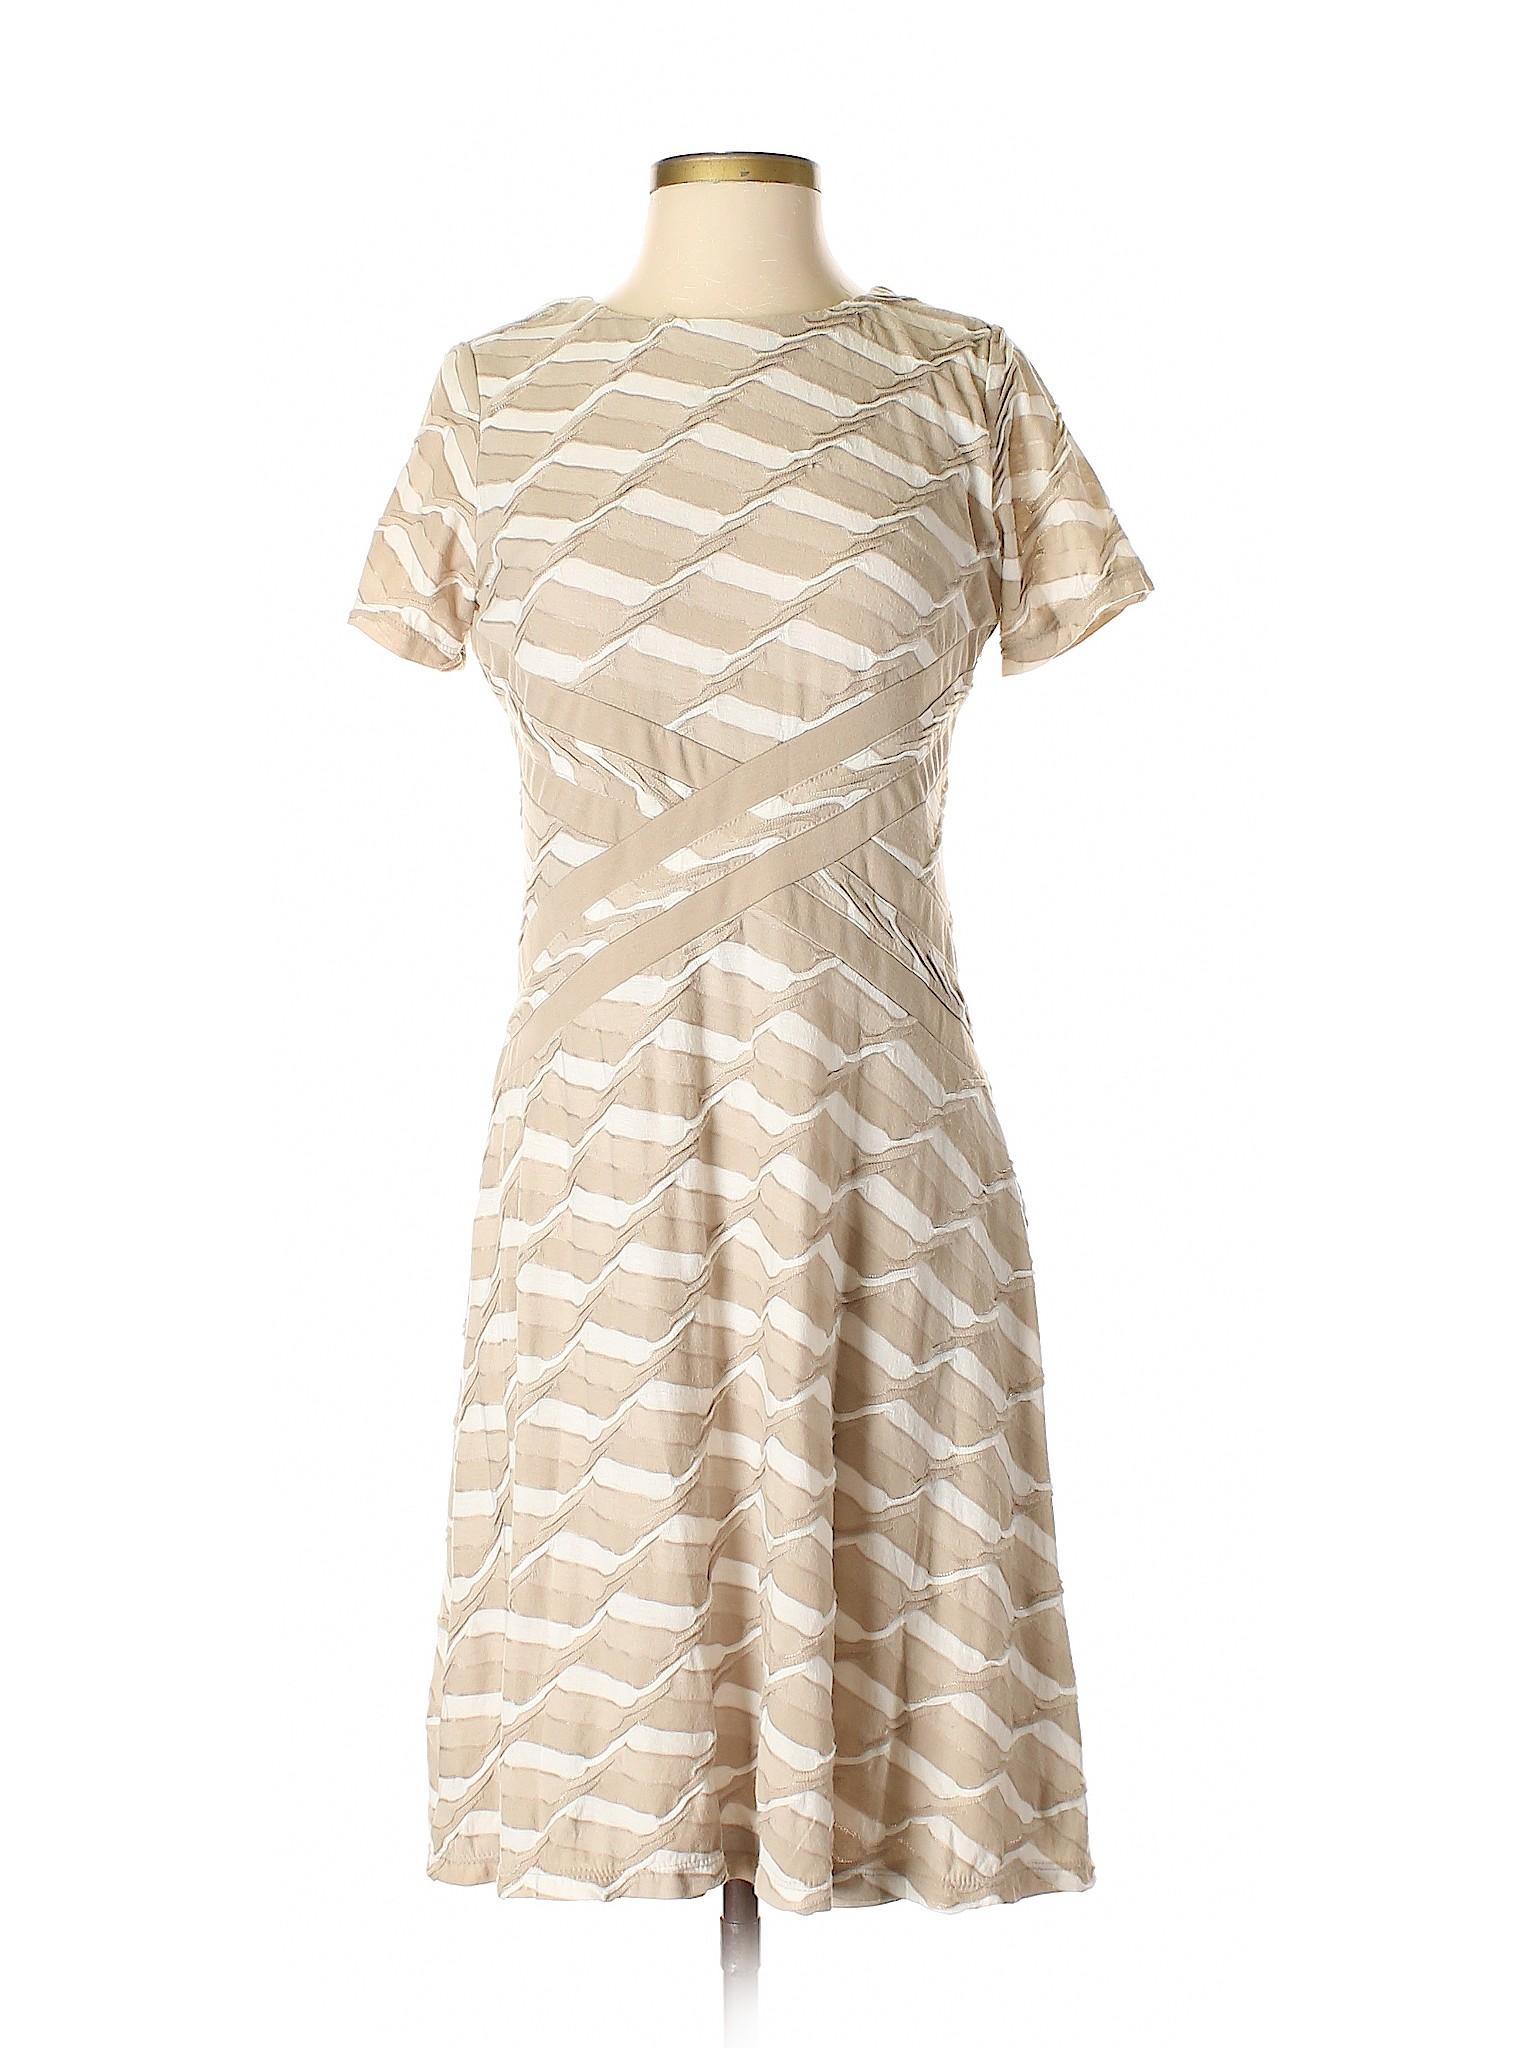 Casual DressBarn Casual DressBarn Selling Selling Selling Dress DressBarn Casual DressBarn Dress Selling Dress Casual nXFwYxYCqA